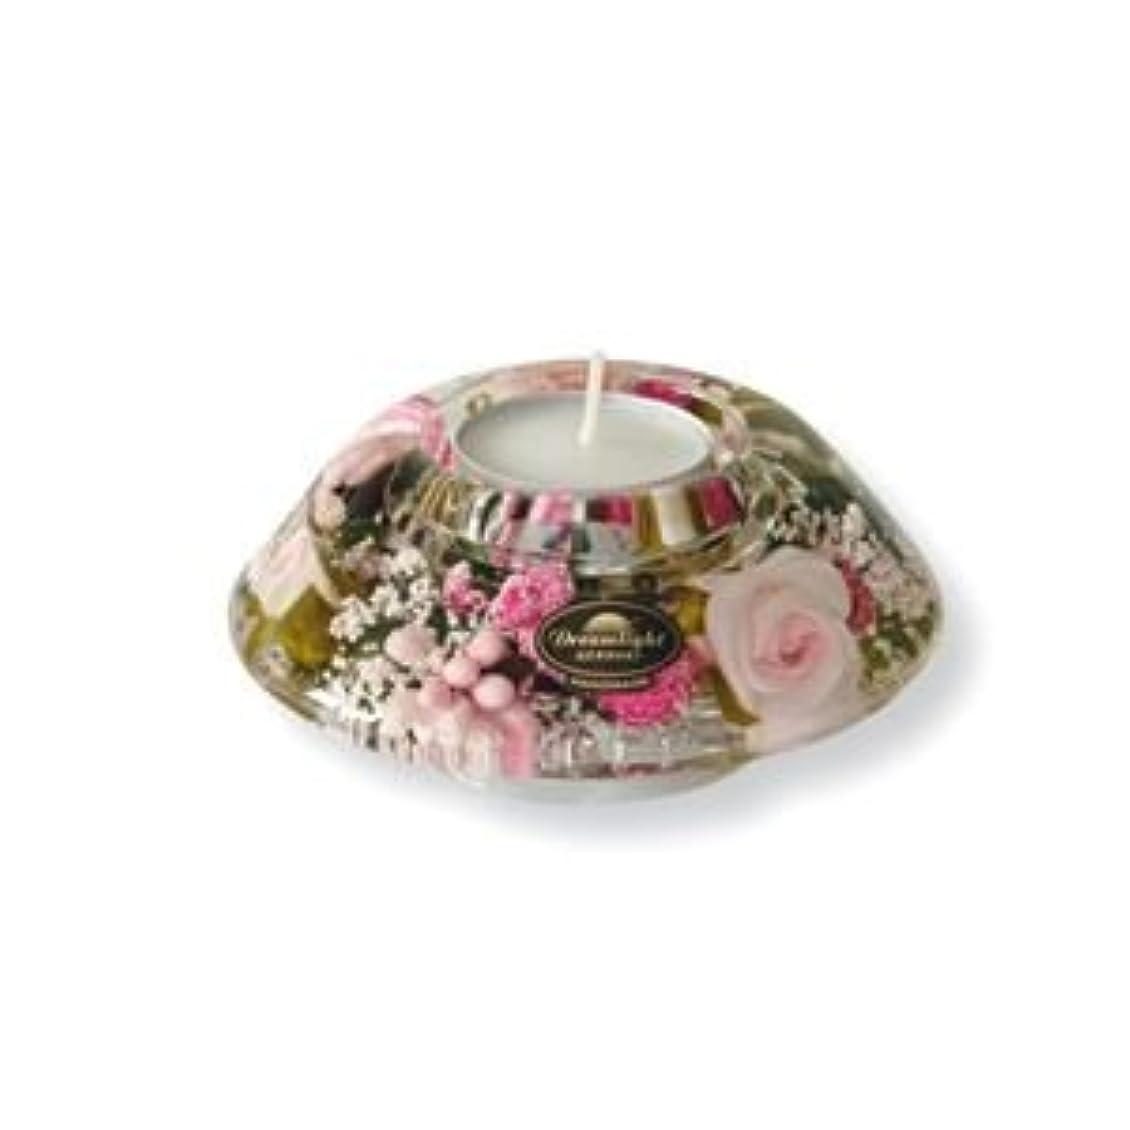 シュリンク一元化するお茶ドリームライト キャンドルホルダー クラウン リトルローズ CDD3997